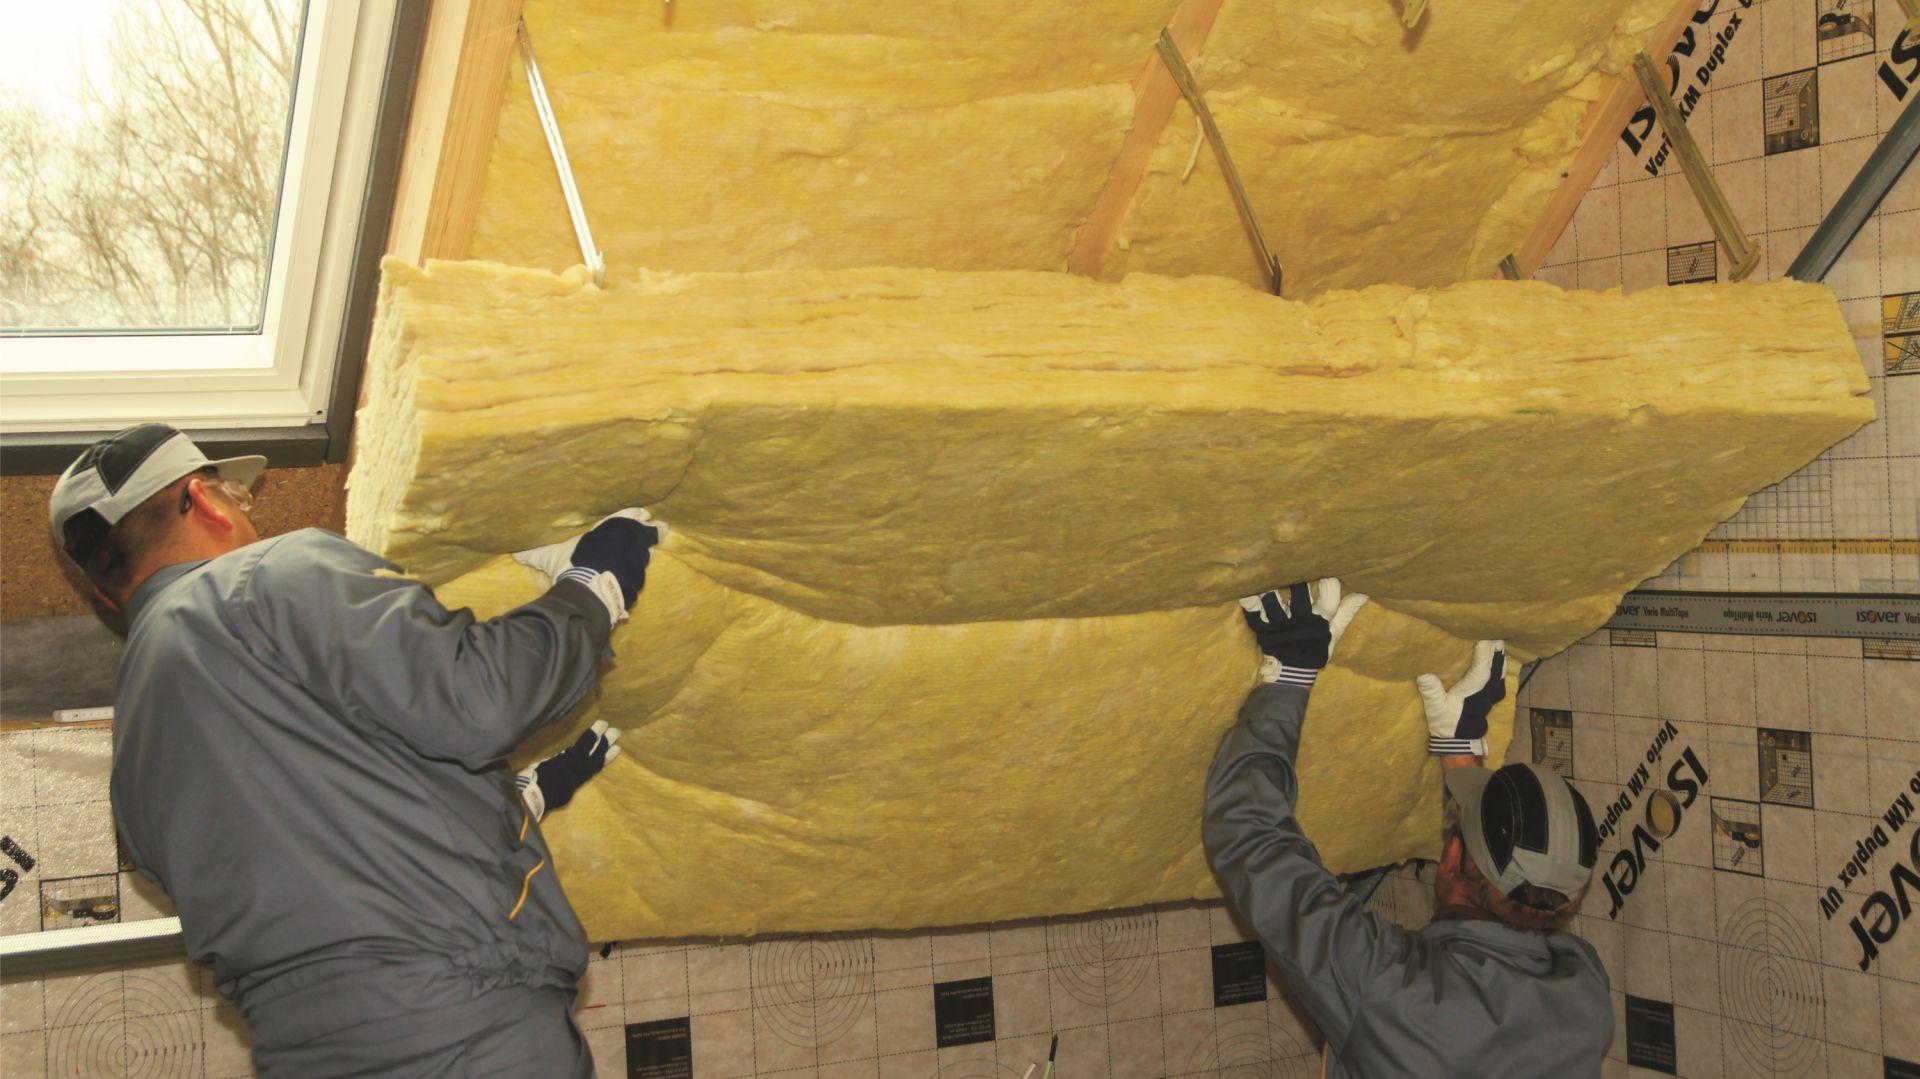 W przypadku konstrukcji dachowych ocieplanych wełną warto zwrócić uwagę, by izolacja była sprężysta i niepalna. Dzięki temu zastosowane ocieplenie szczelnie wypełnia przestrzenie między krokwiami, niwelując mostki termiczne, a także chroni drewniane elementy konstrukcji przed ewentualnym zagrożeniem pożarowym. Fot. Isover